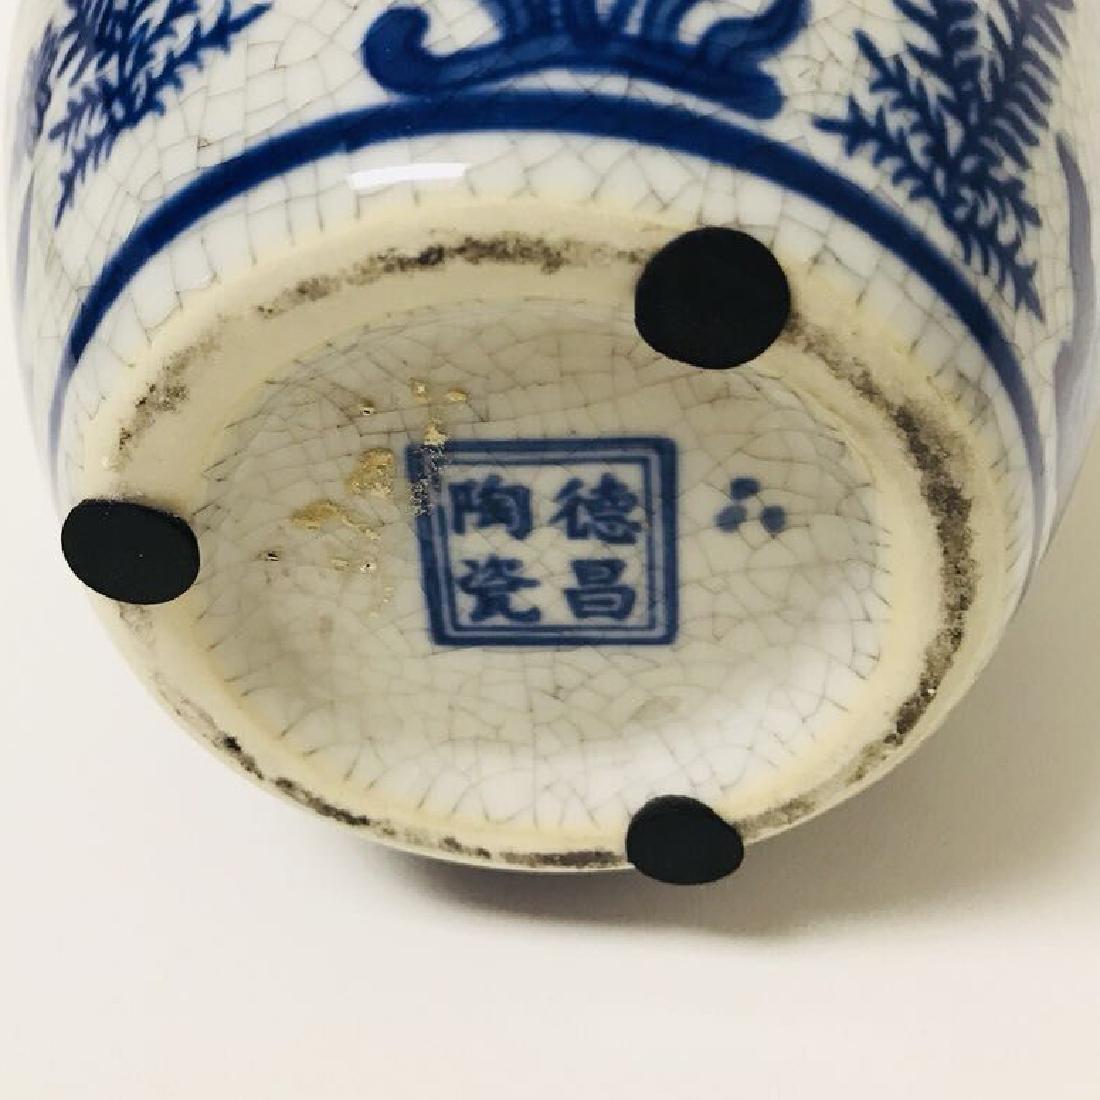 Blue and white Vase and Bone Style Vase - 4